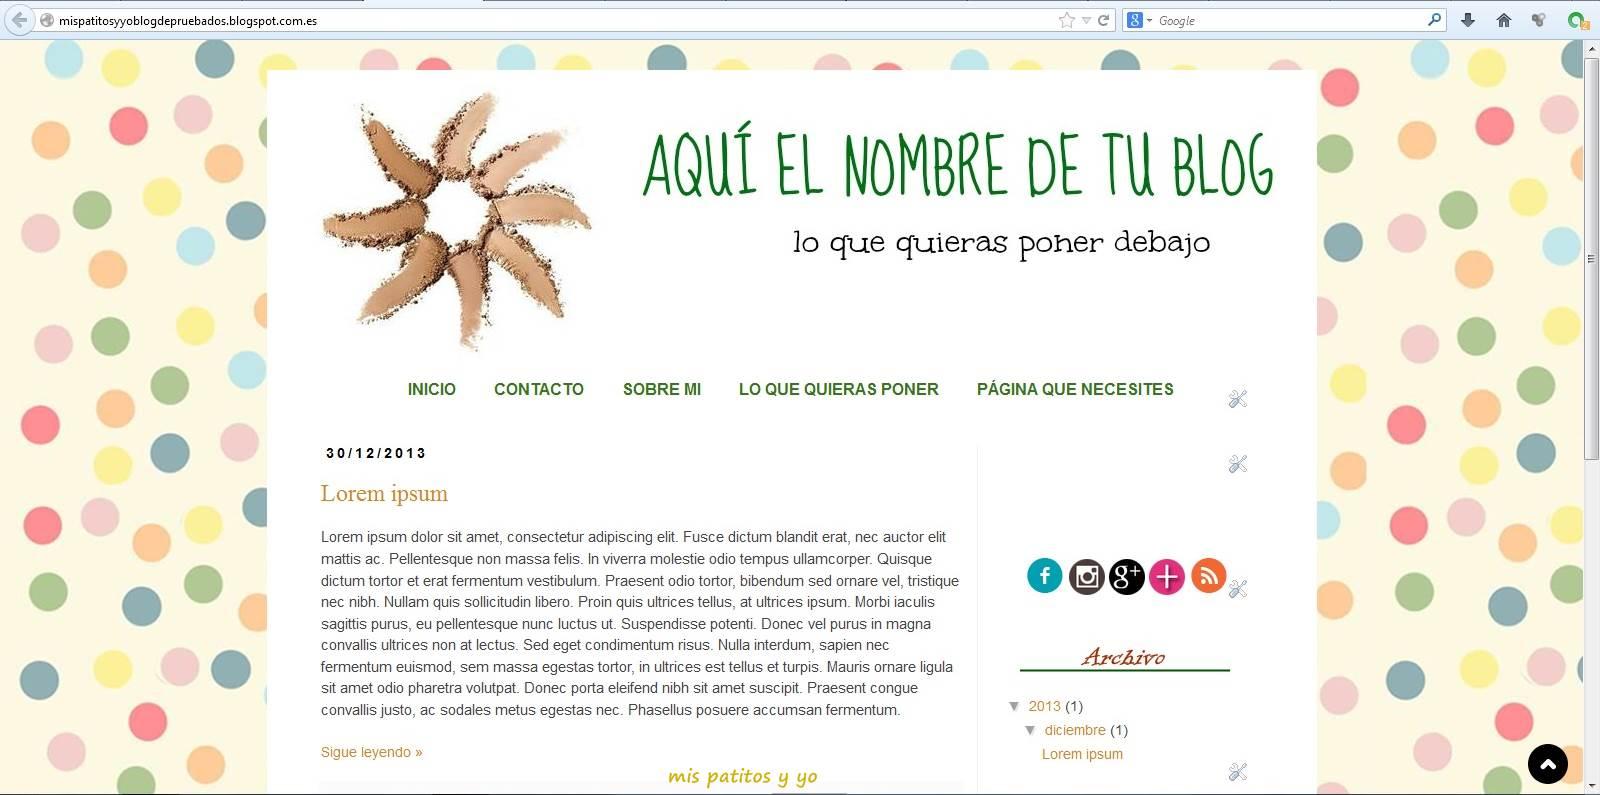 http://mispatitosyyoblogdepruebados.blogspot.com.es/